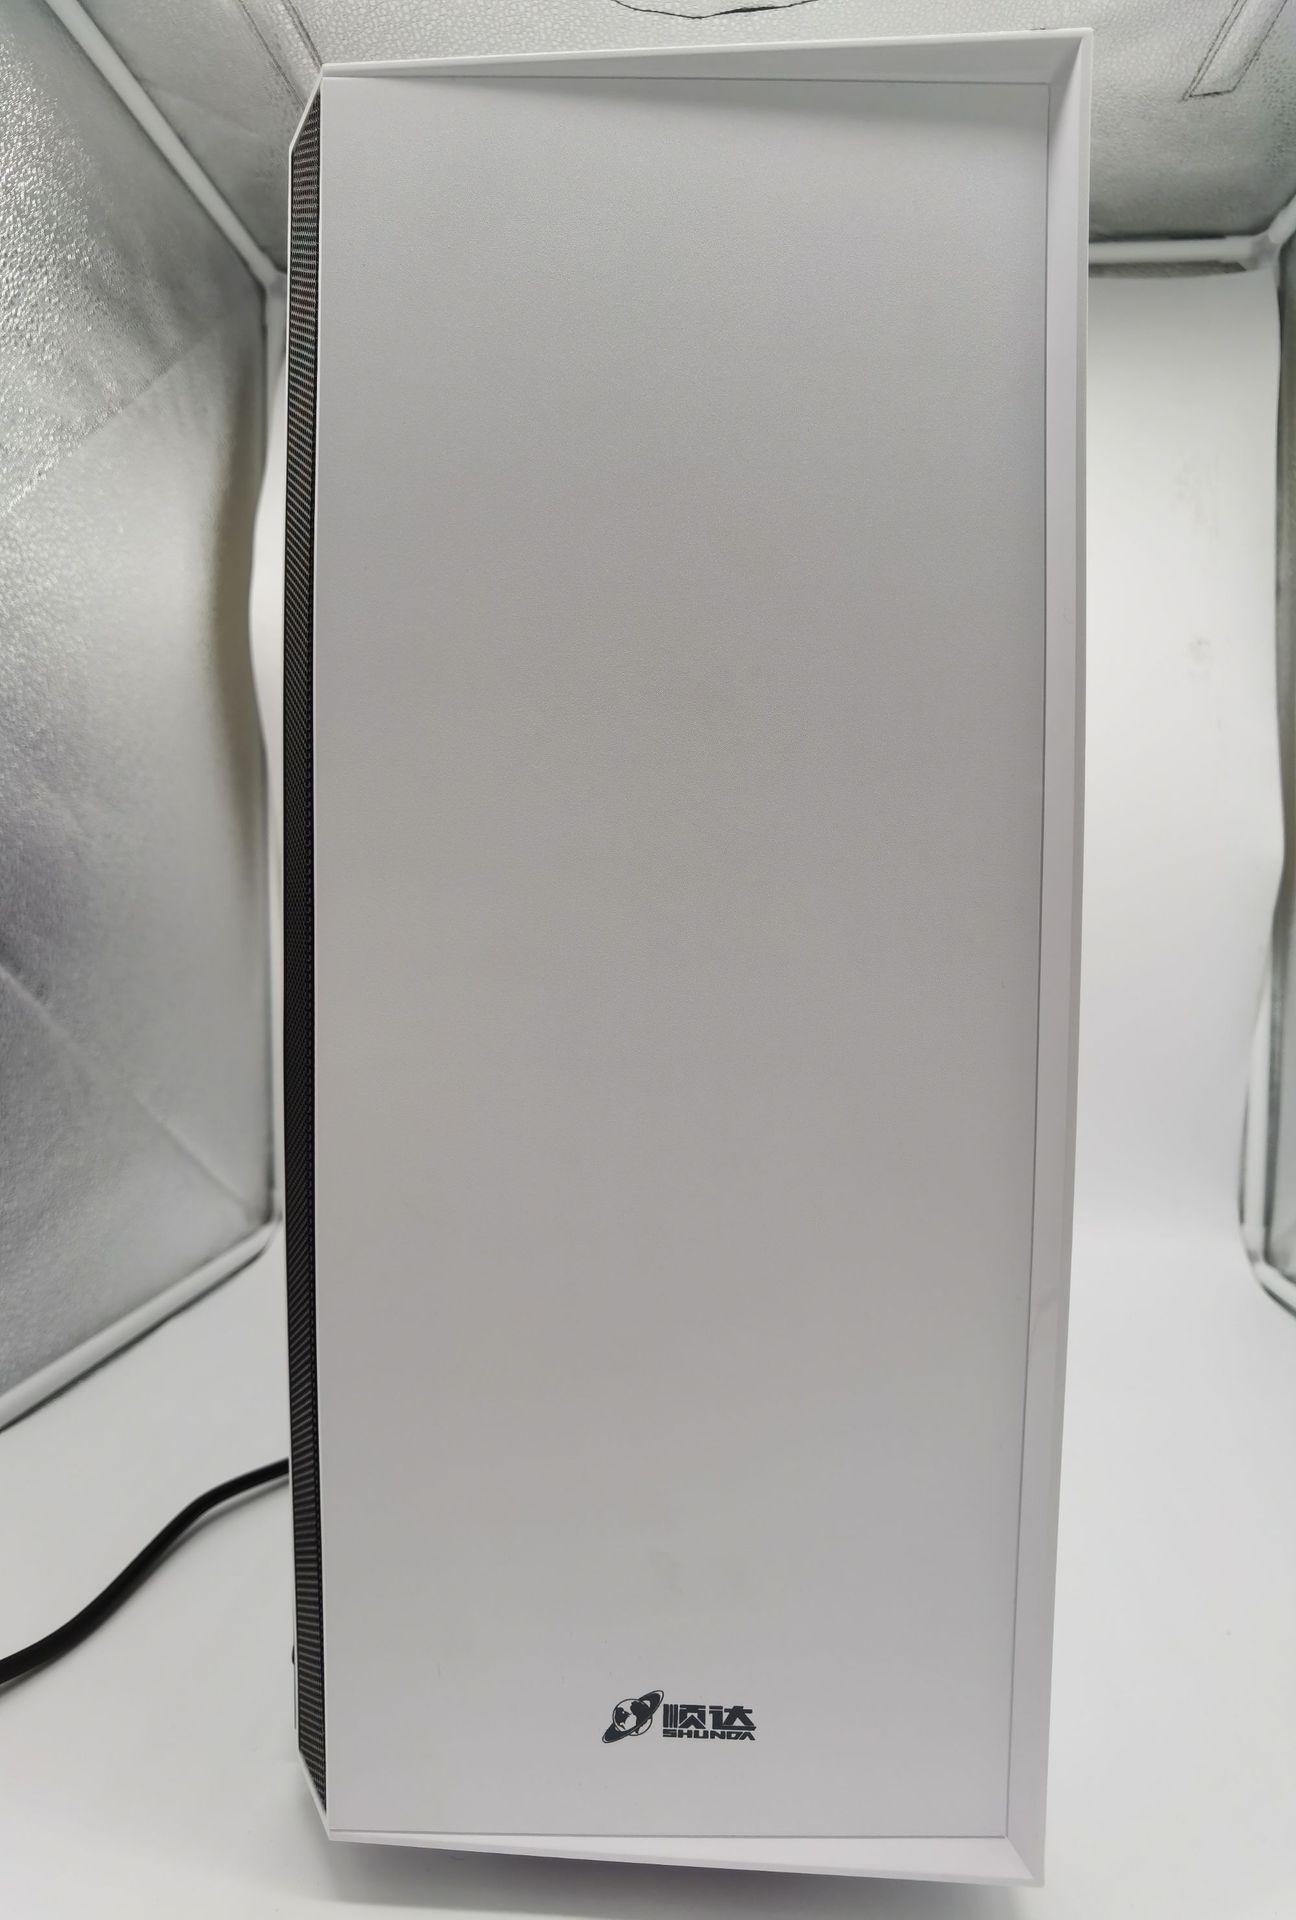 超神白机箱商英(白色) 便携式商务电脑小机箱